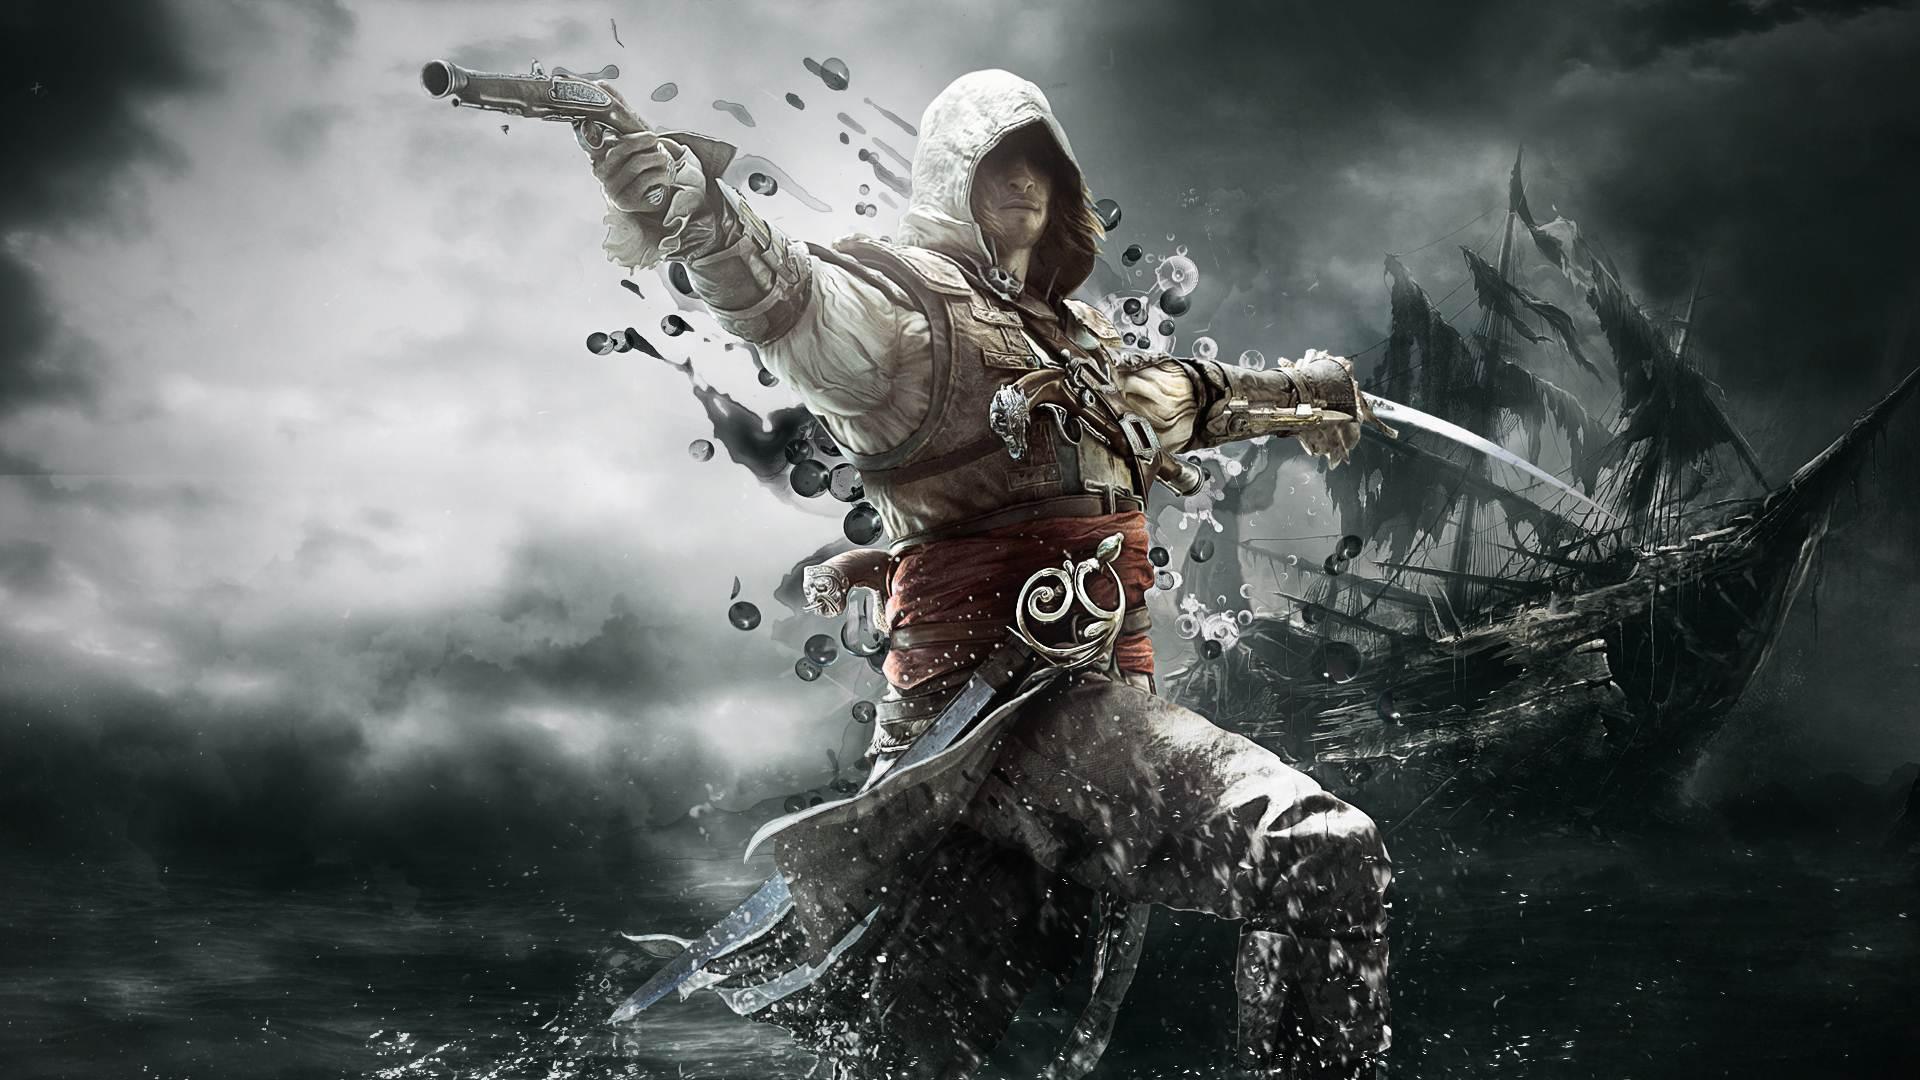 assassins creed 4 wallpaper GamingBoltcom Video Game 1920x1080